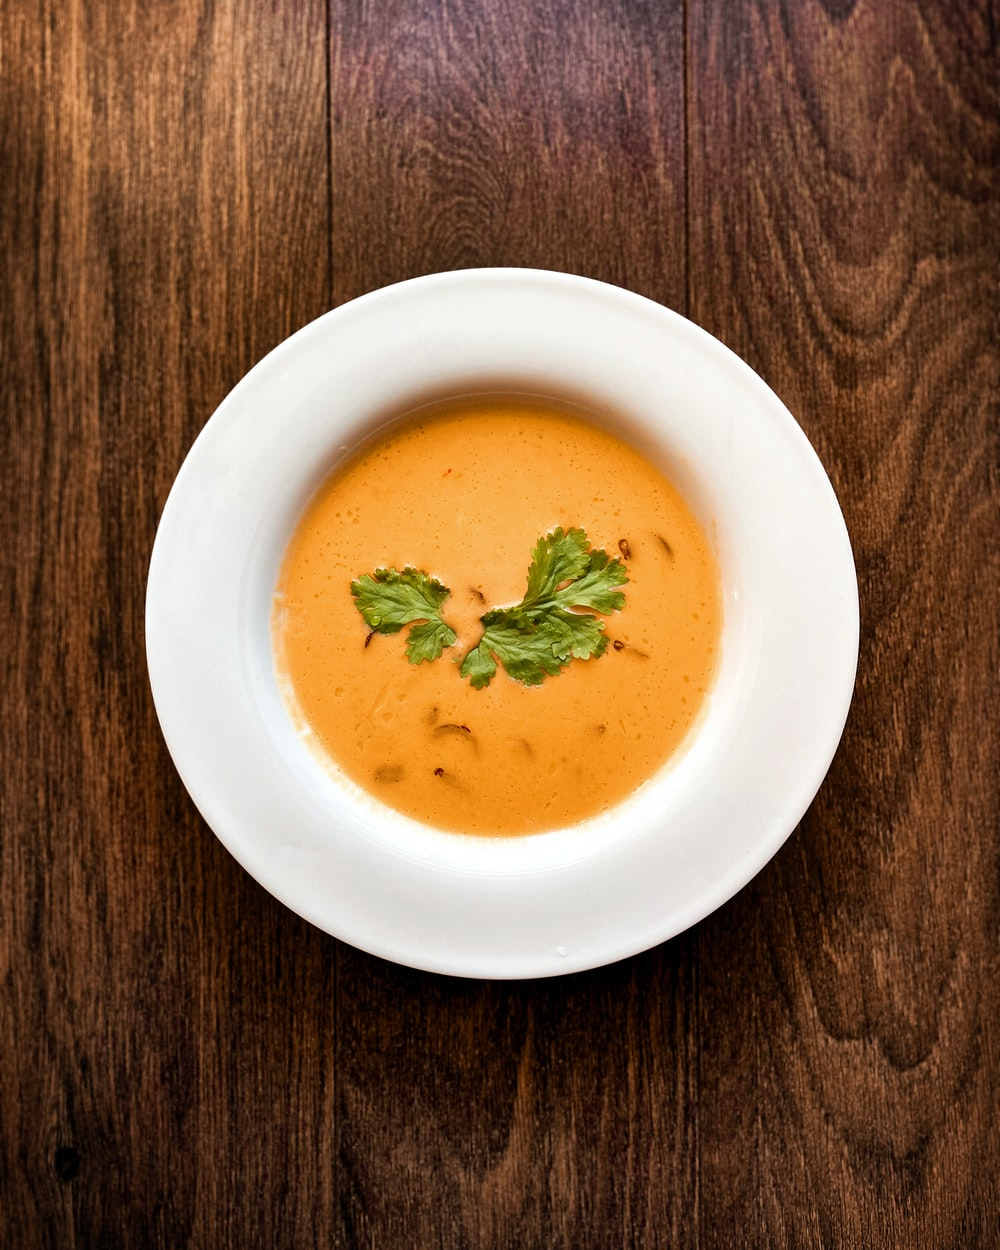 soup in white ceramic bowl